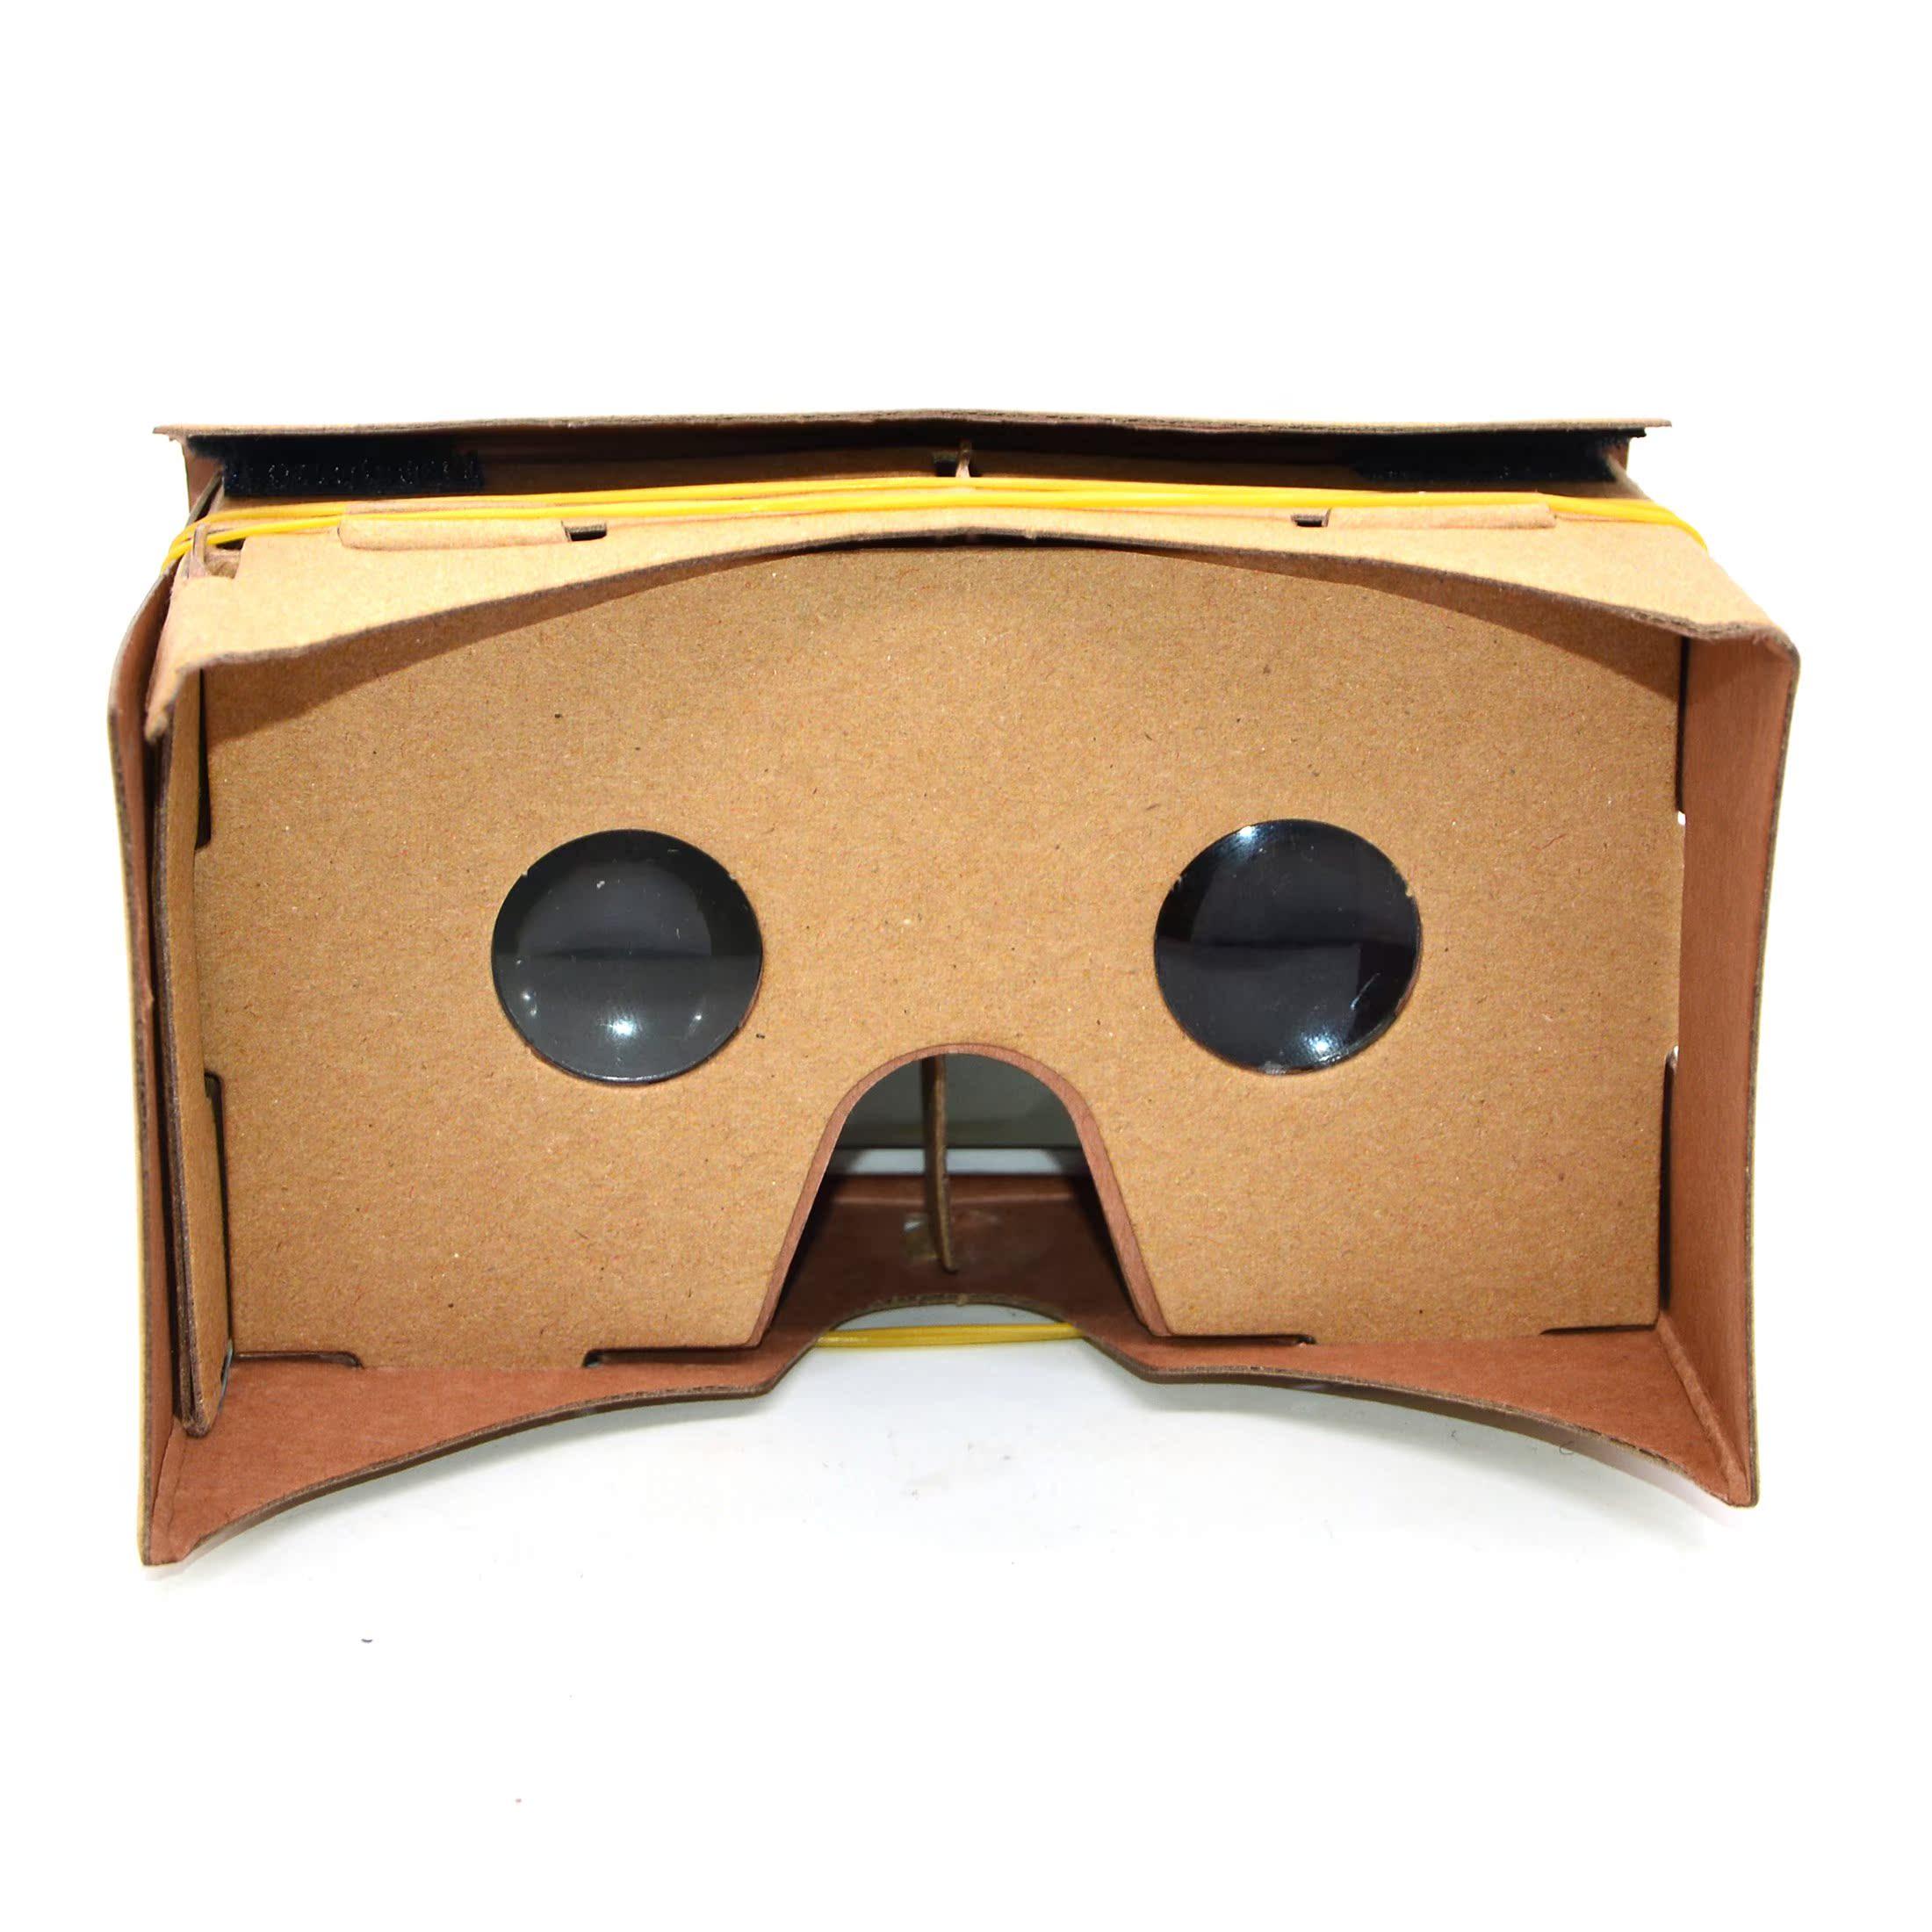 VR虚拟现实眼镜 科技小制作diy手工材料创意发明学原理